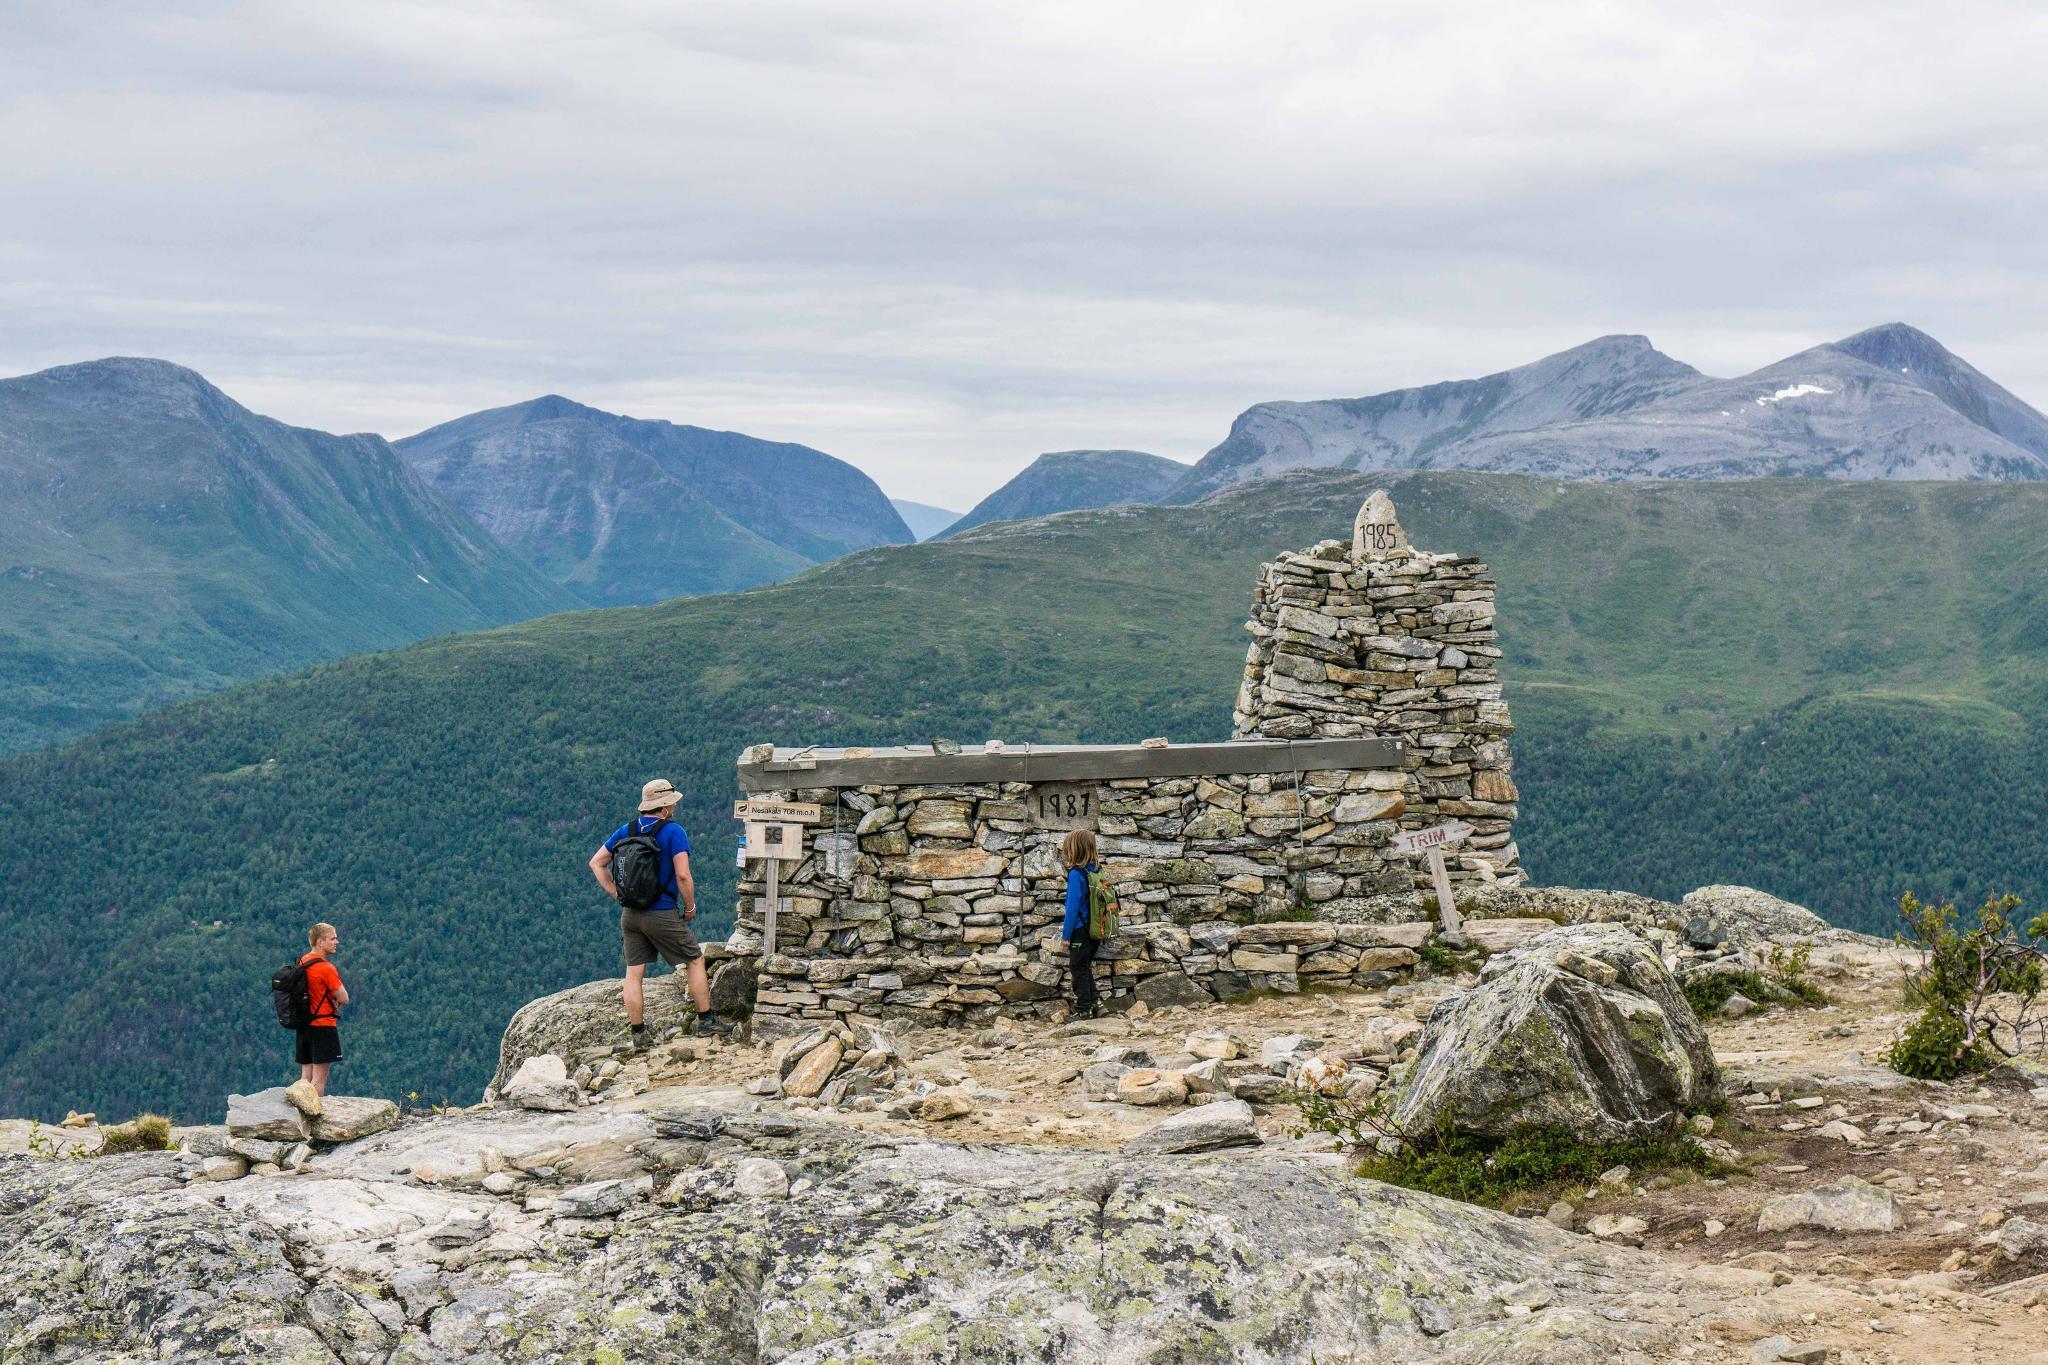 【北歐景點】峽灣區起點Åndalsnes健行 - 鳥瞰峽灣全景的Rampestreken觀景台 38